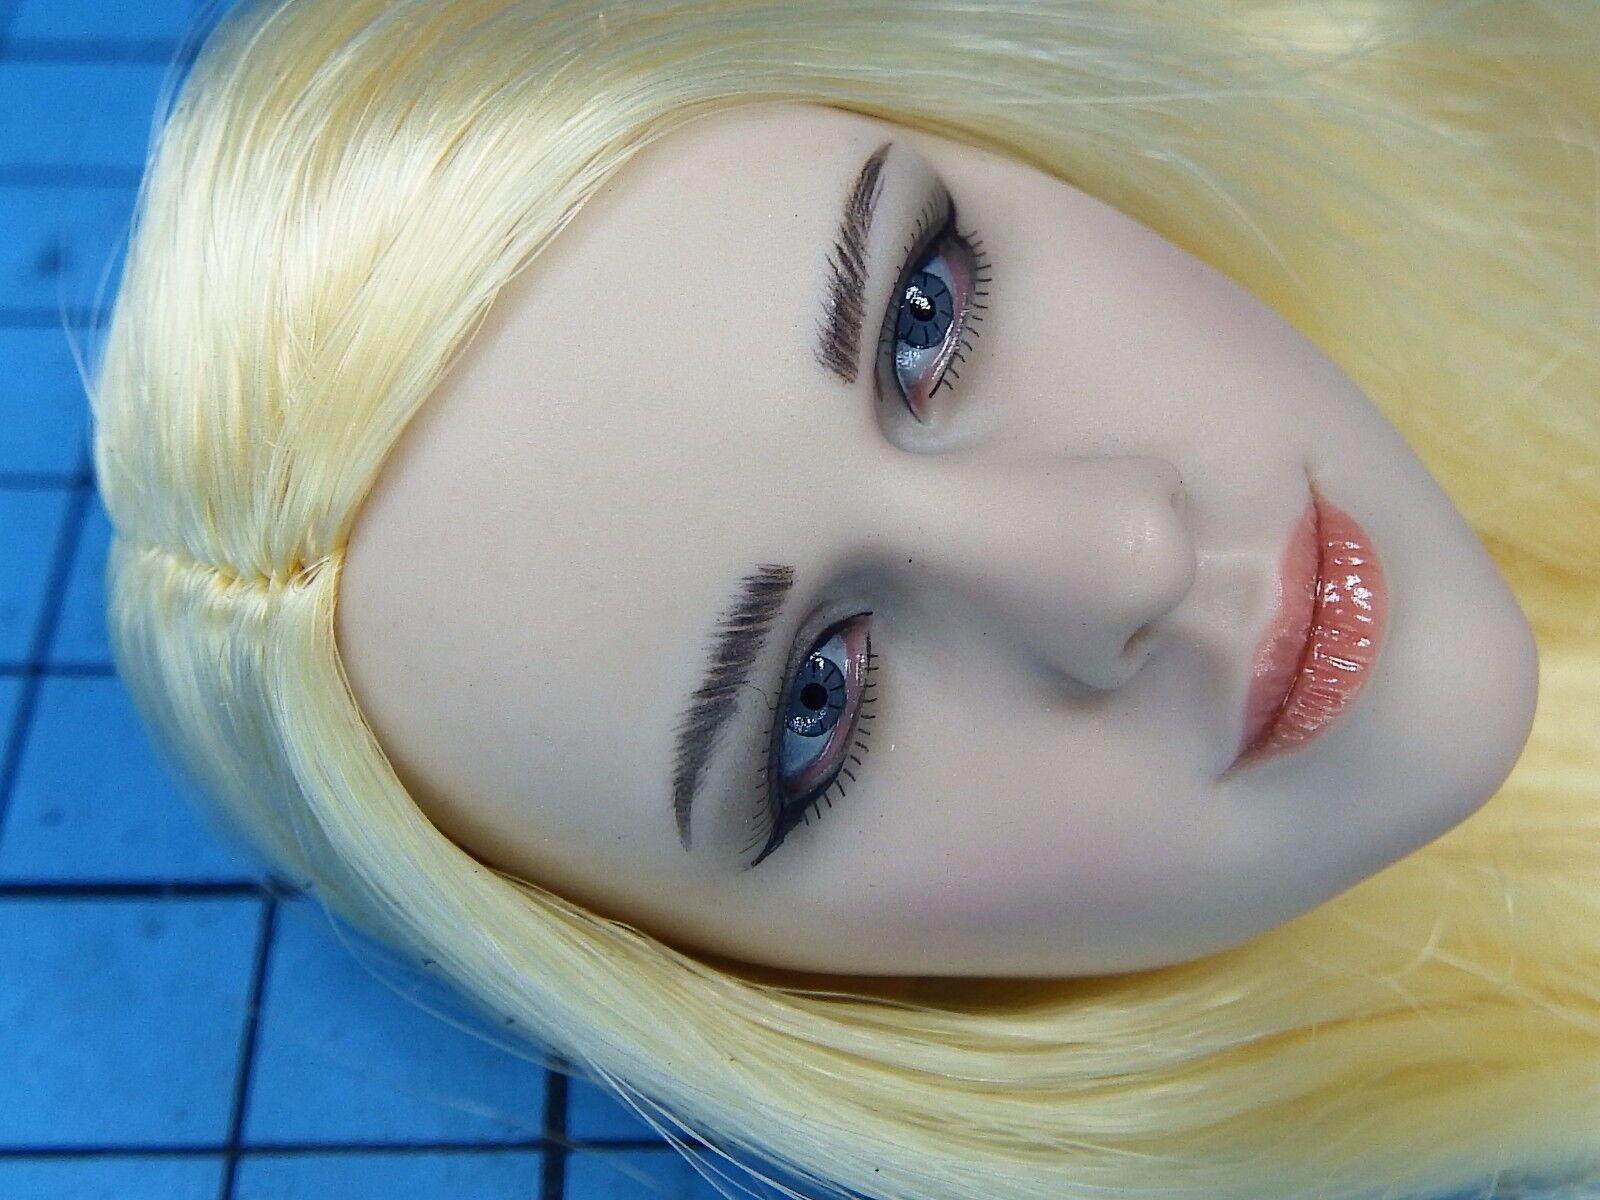 tiempo libre Phicen 1 6 Figura Soldado de nieve PL2016-80 - - - cabeza esculpida de cabello rubio  almacén al por mayor